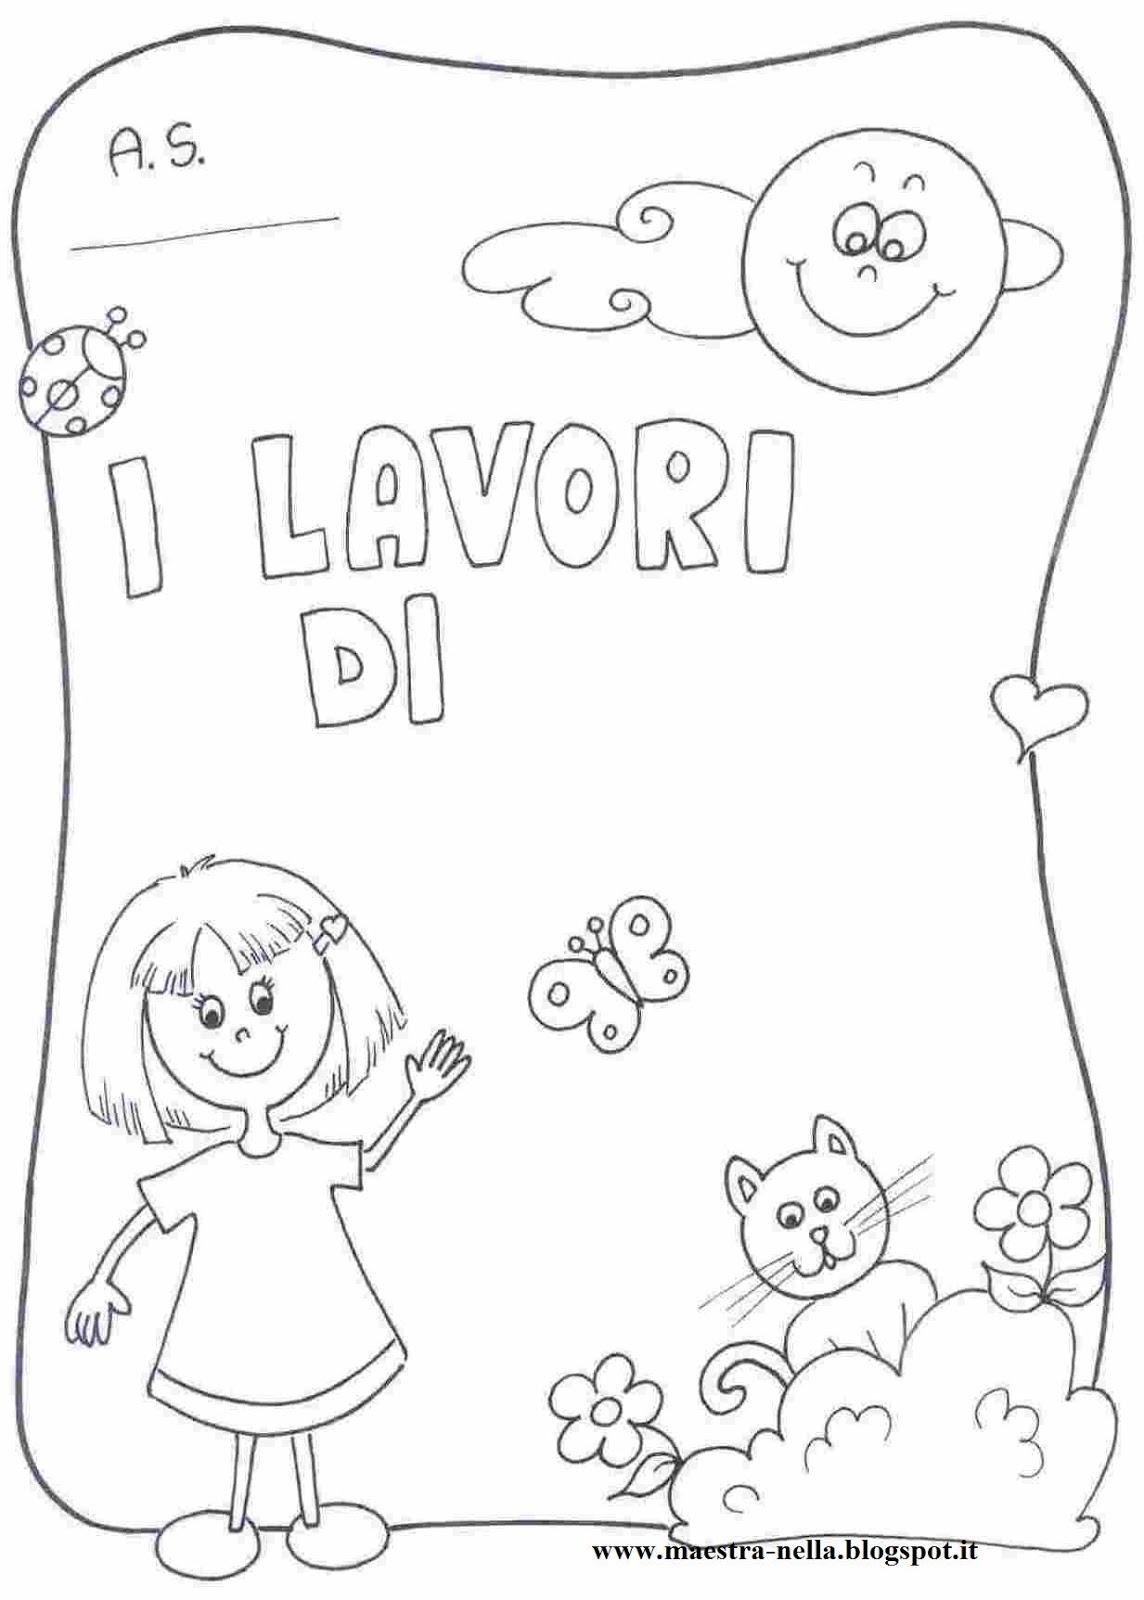 Maestra nella copertine raccogli lavori - Libri di scuola materna stampabili gratuitamente ...